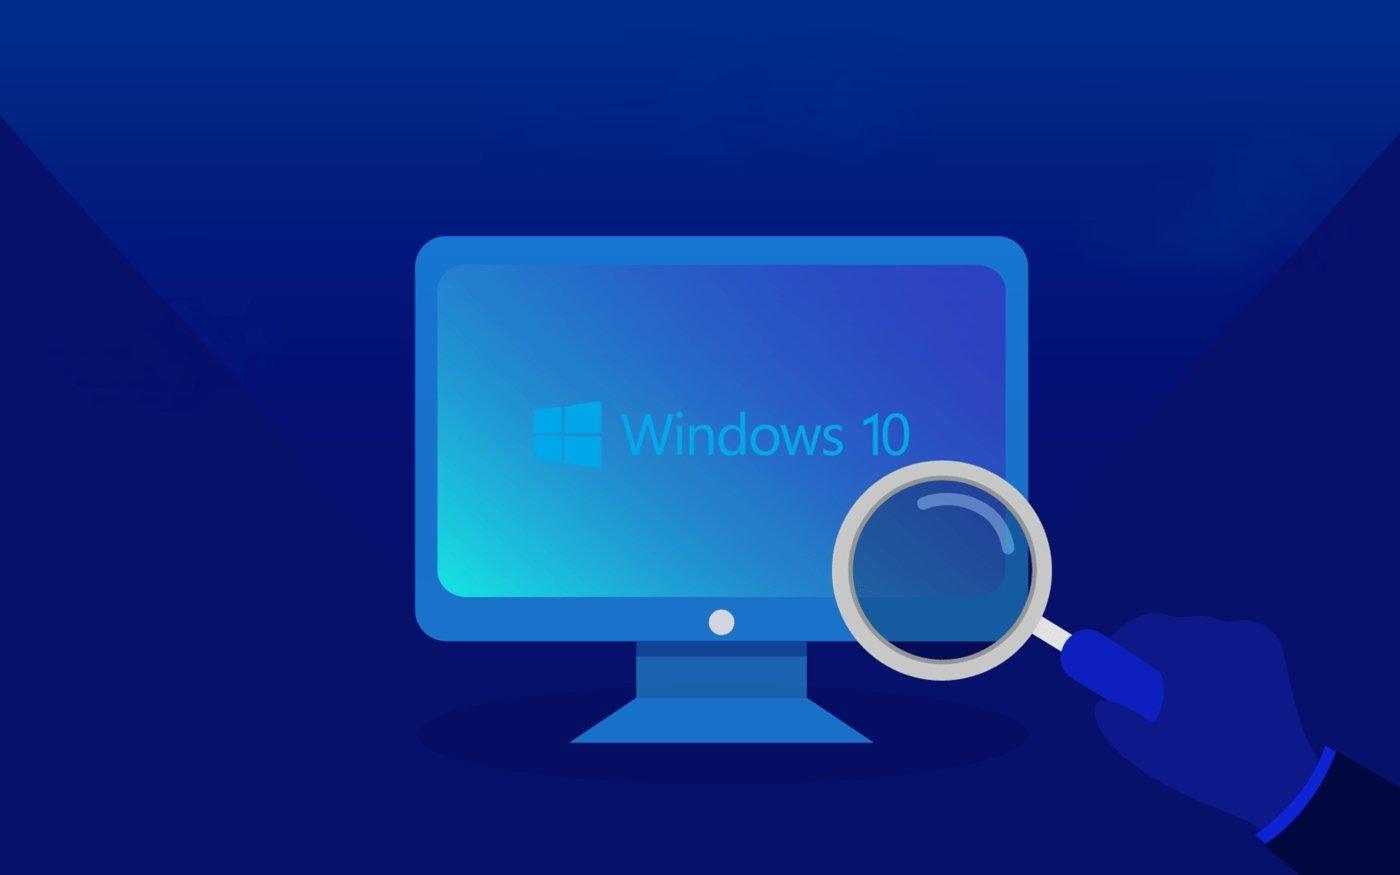 Pesquisa windows 10